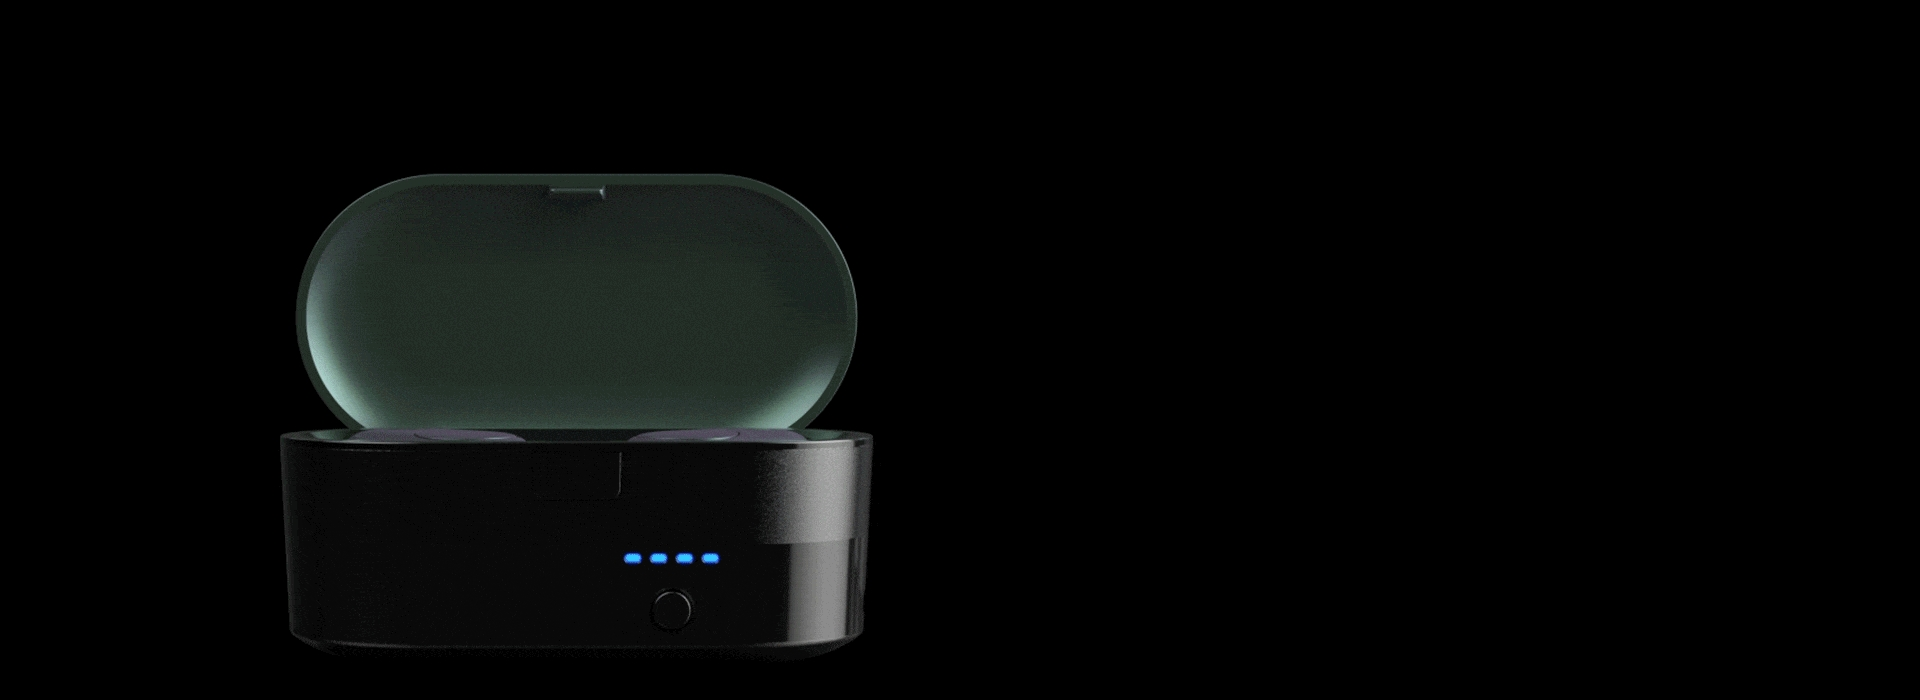 Skullcandy Push - tai nghe true wireless đầu tiên của hãng, pin 12h, giá $130